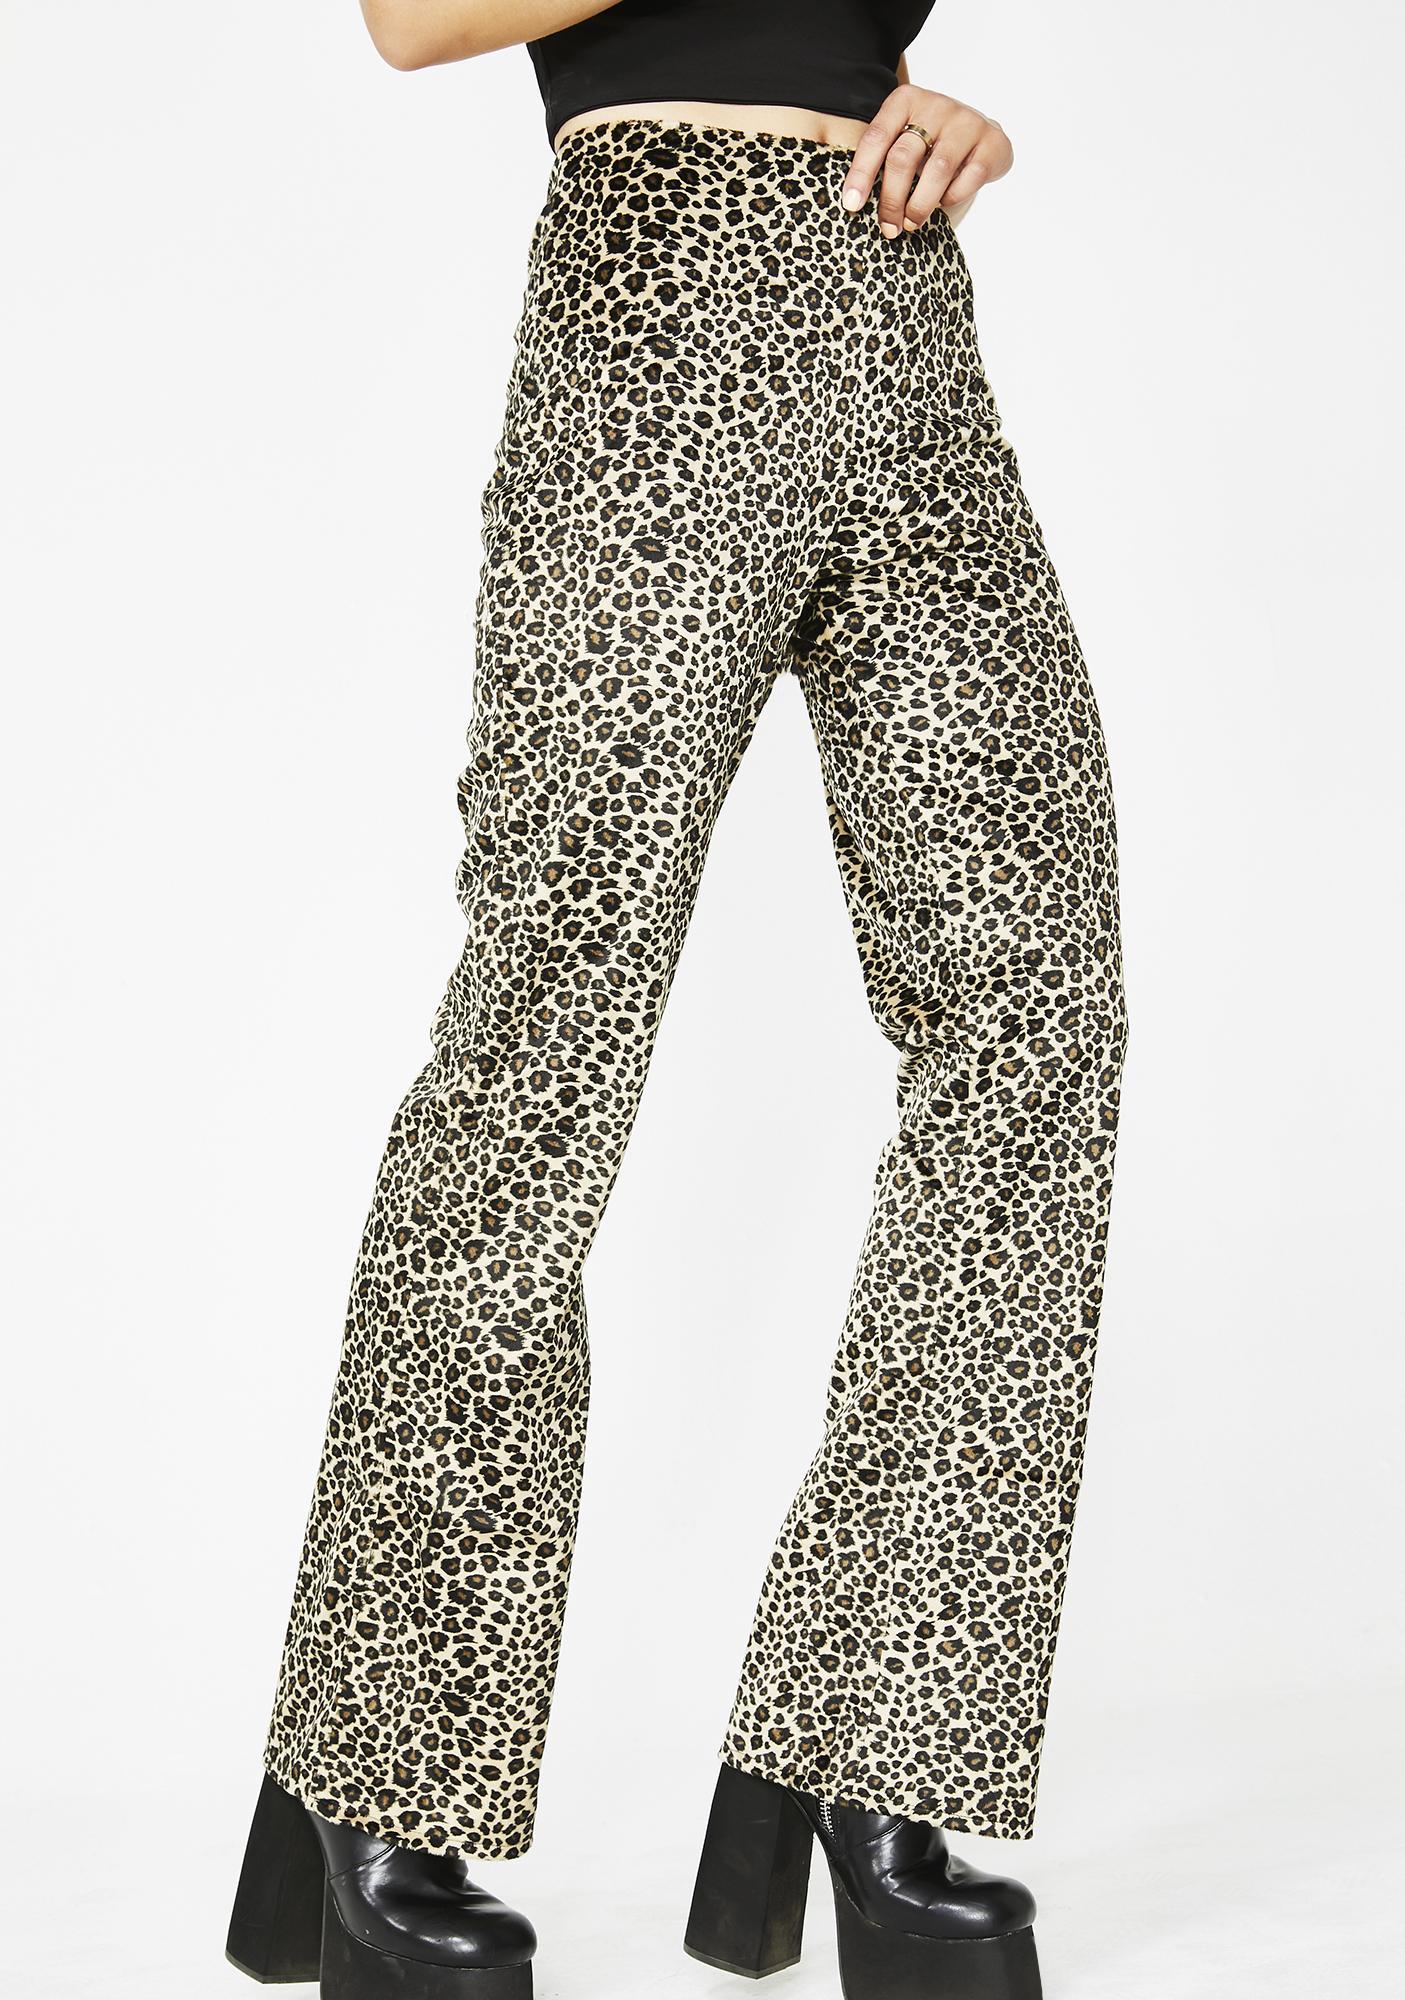 American Deadstock 2nd Skin Pants